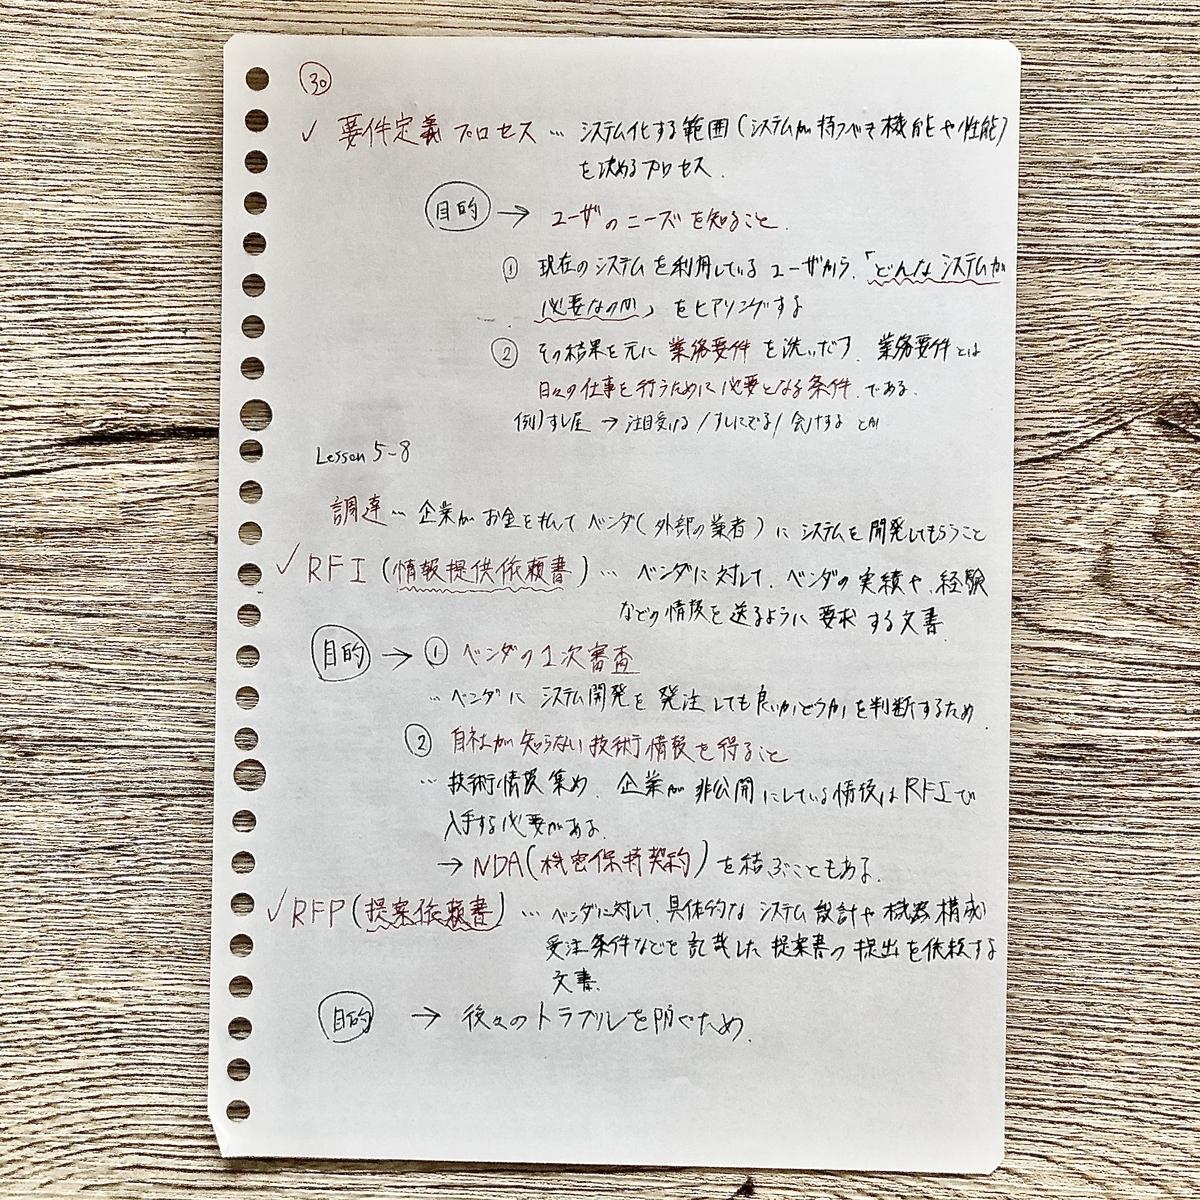 f:id:Arman_Hasegawa:20210414110609j:plain